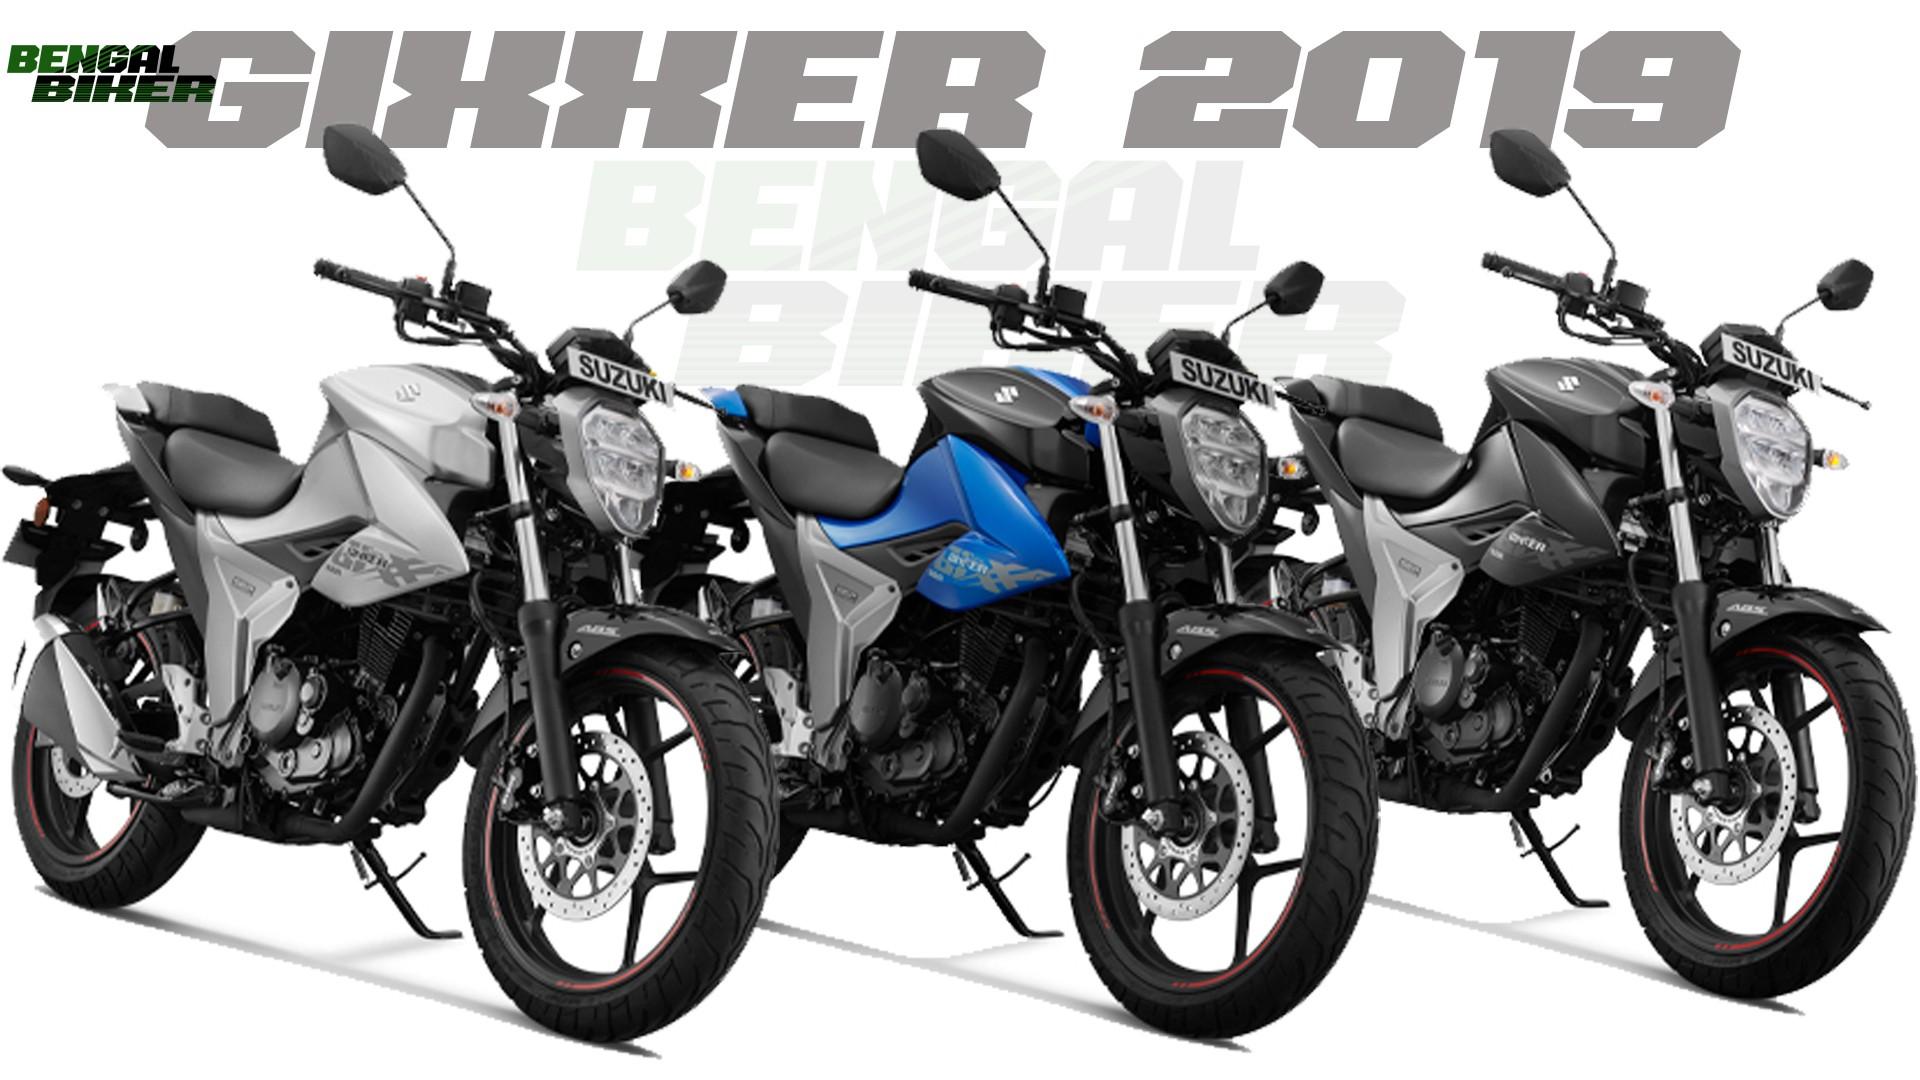 suzuki gixxer new model 2020 all color